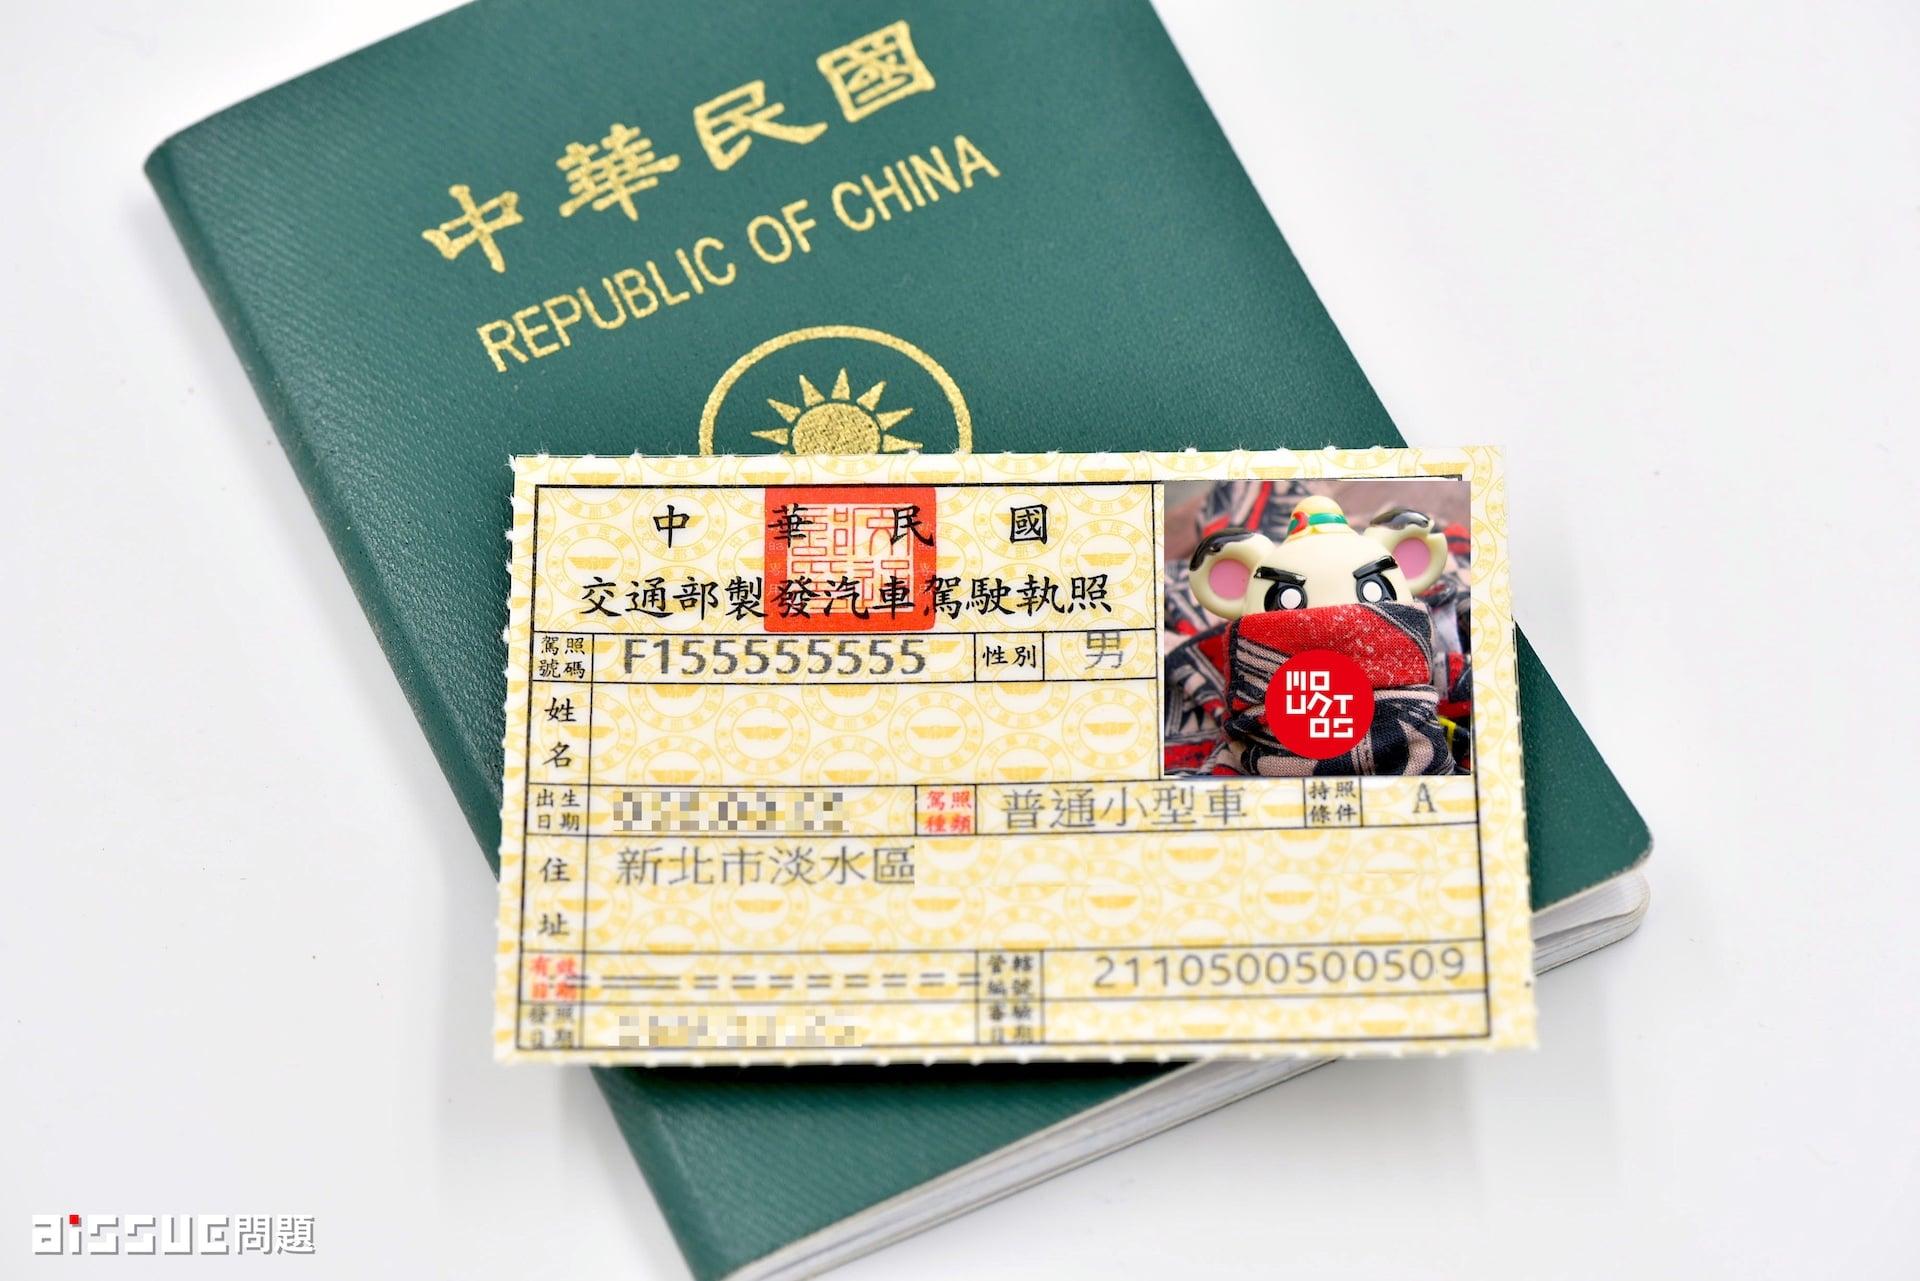 中華民國護照與汽車駕駛執照。